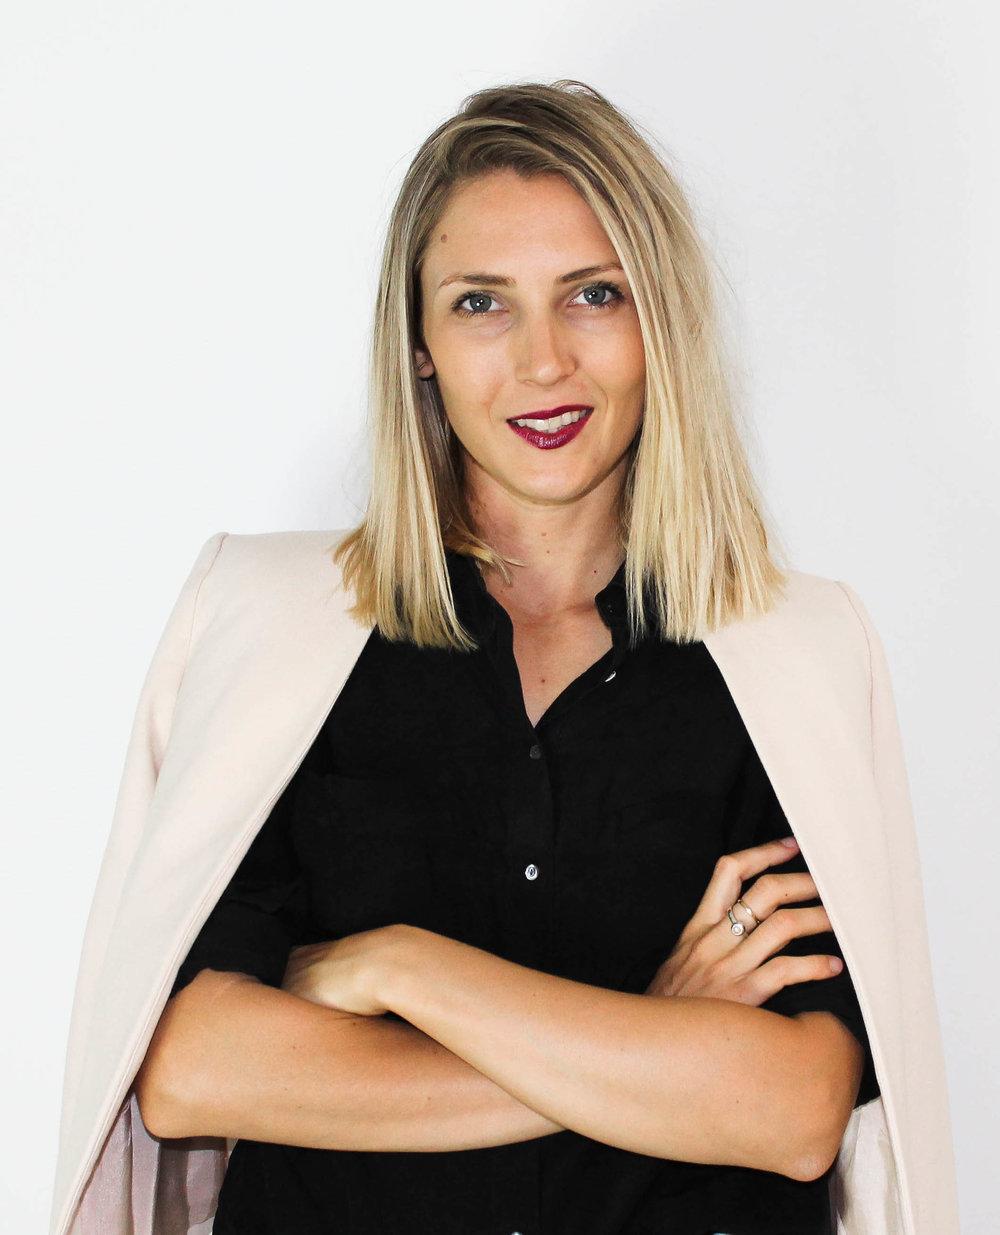 Soak Society - Natalie Thorogood, Founder